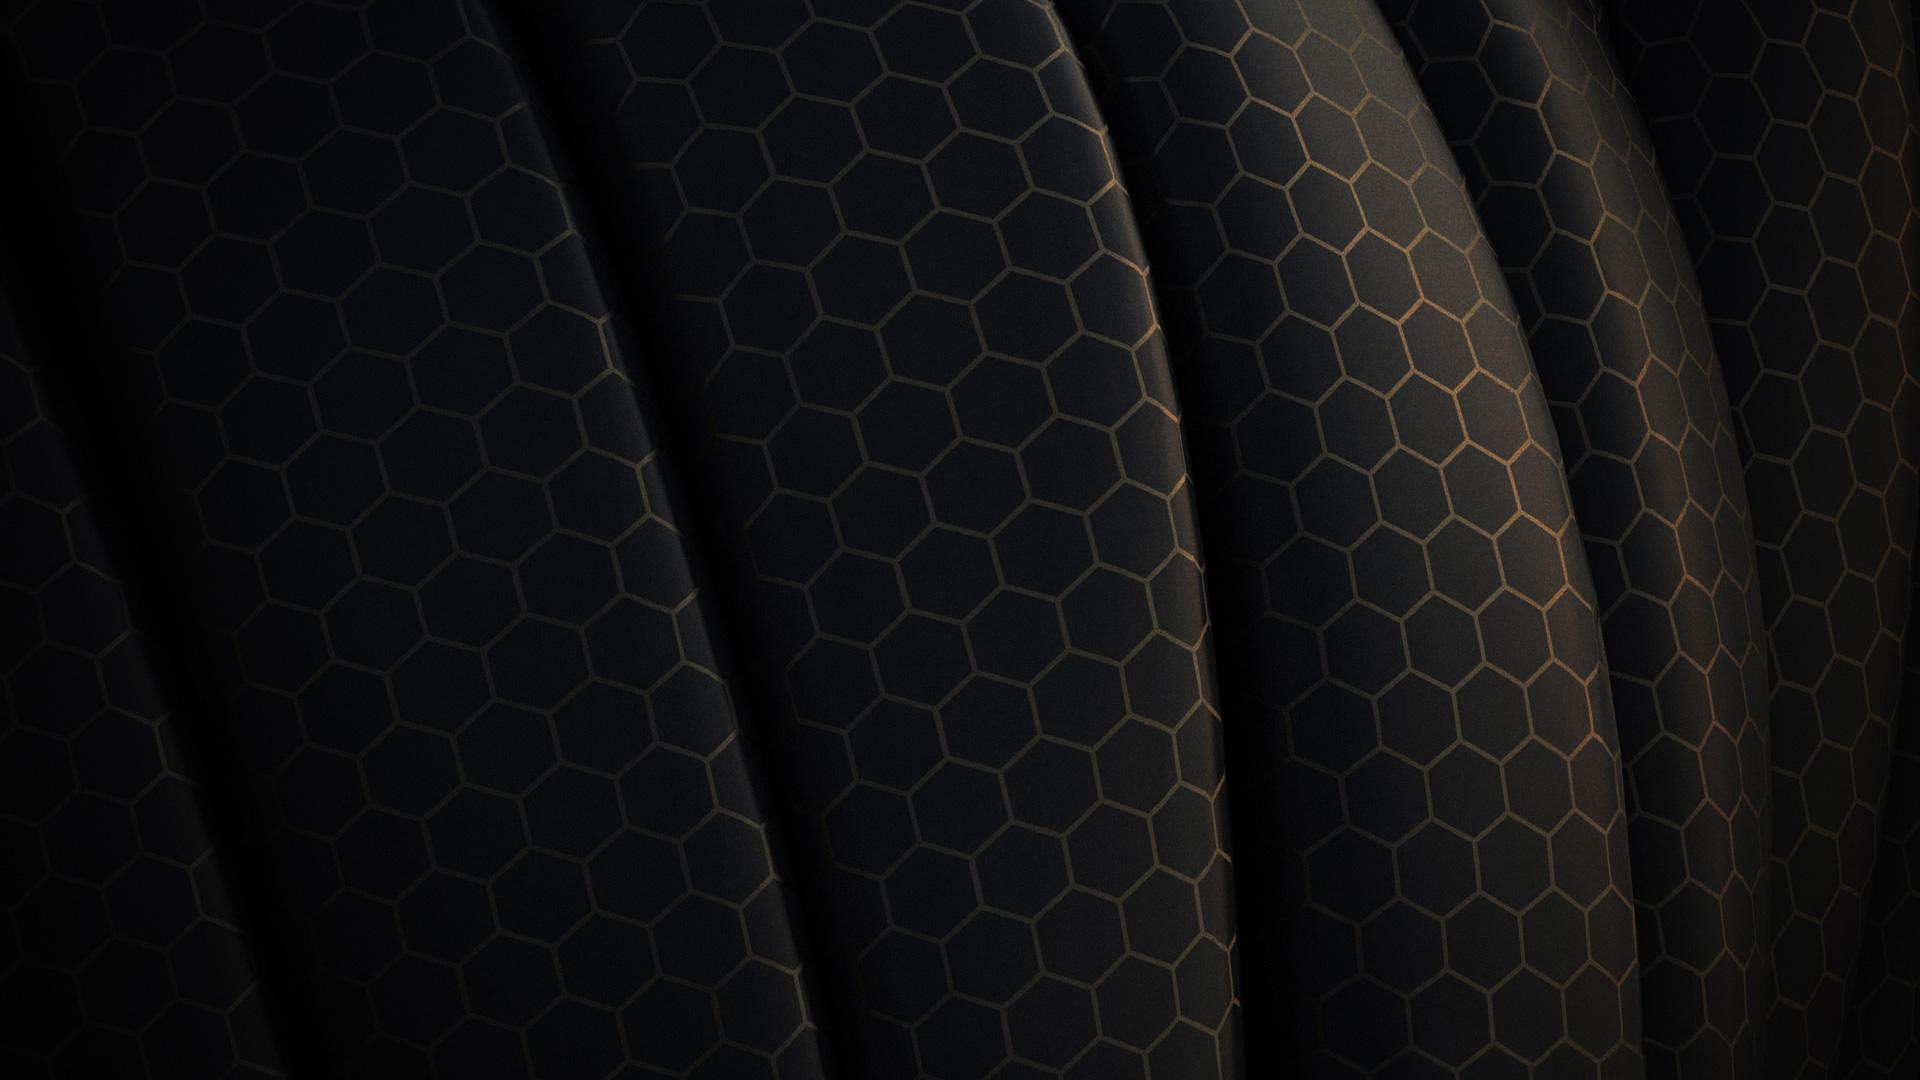 3d texture wallpaper 41260 1920x1080 px for 3d textured wallpaper